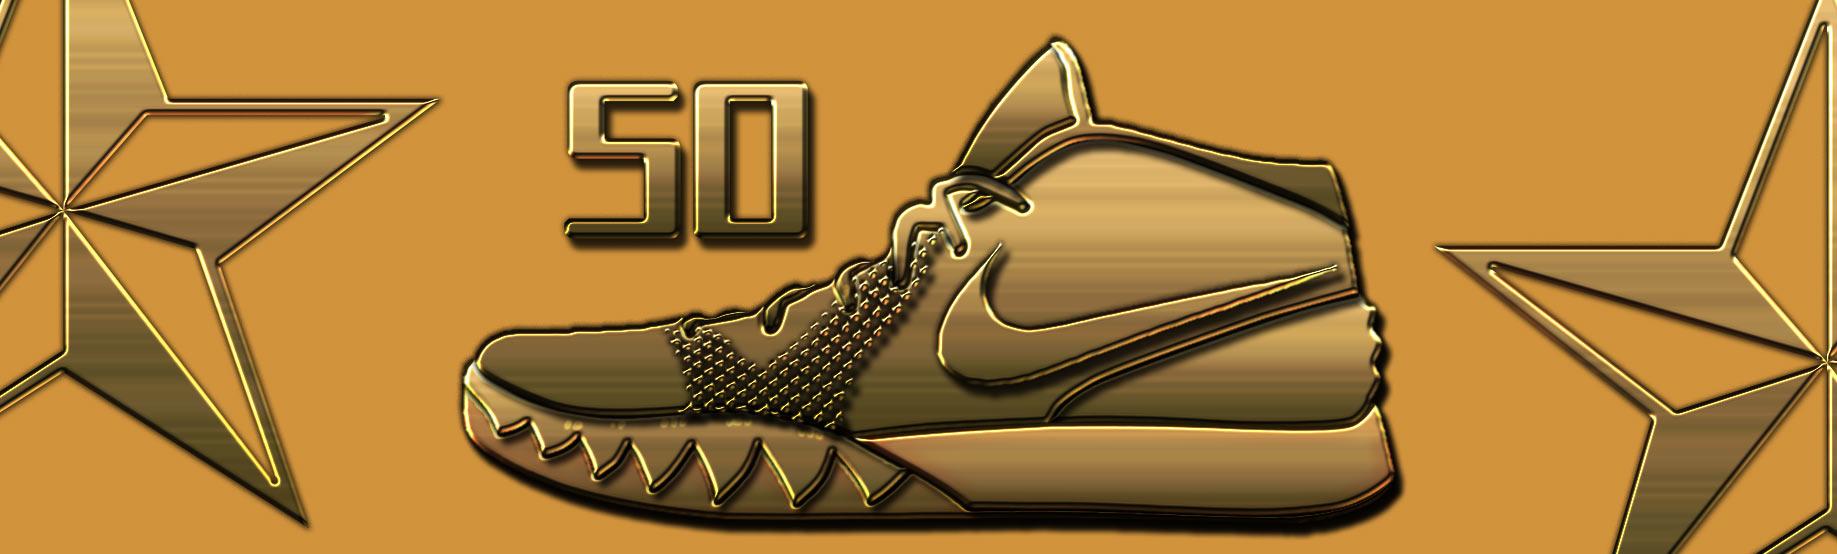 Nike 50 Year Company History